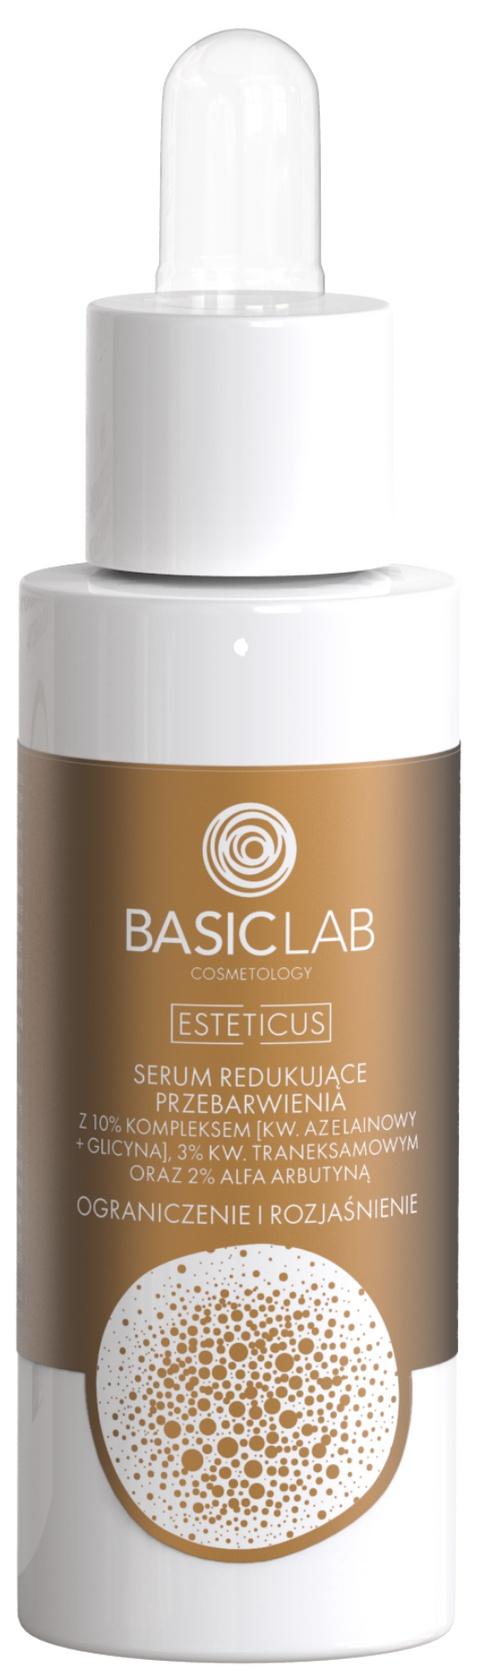 Basiclab Serum Redukujące Przebarwienia Ograniczenie I Rozjaśnienie